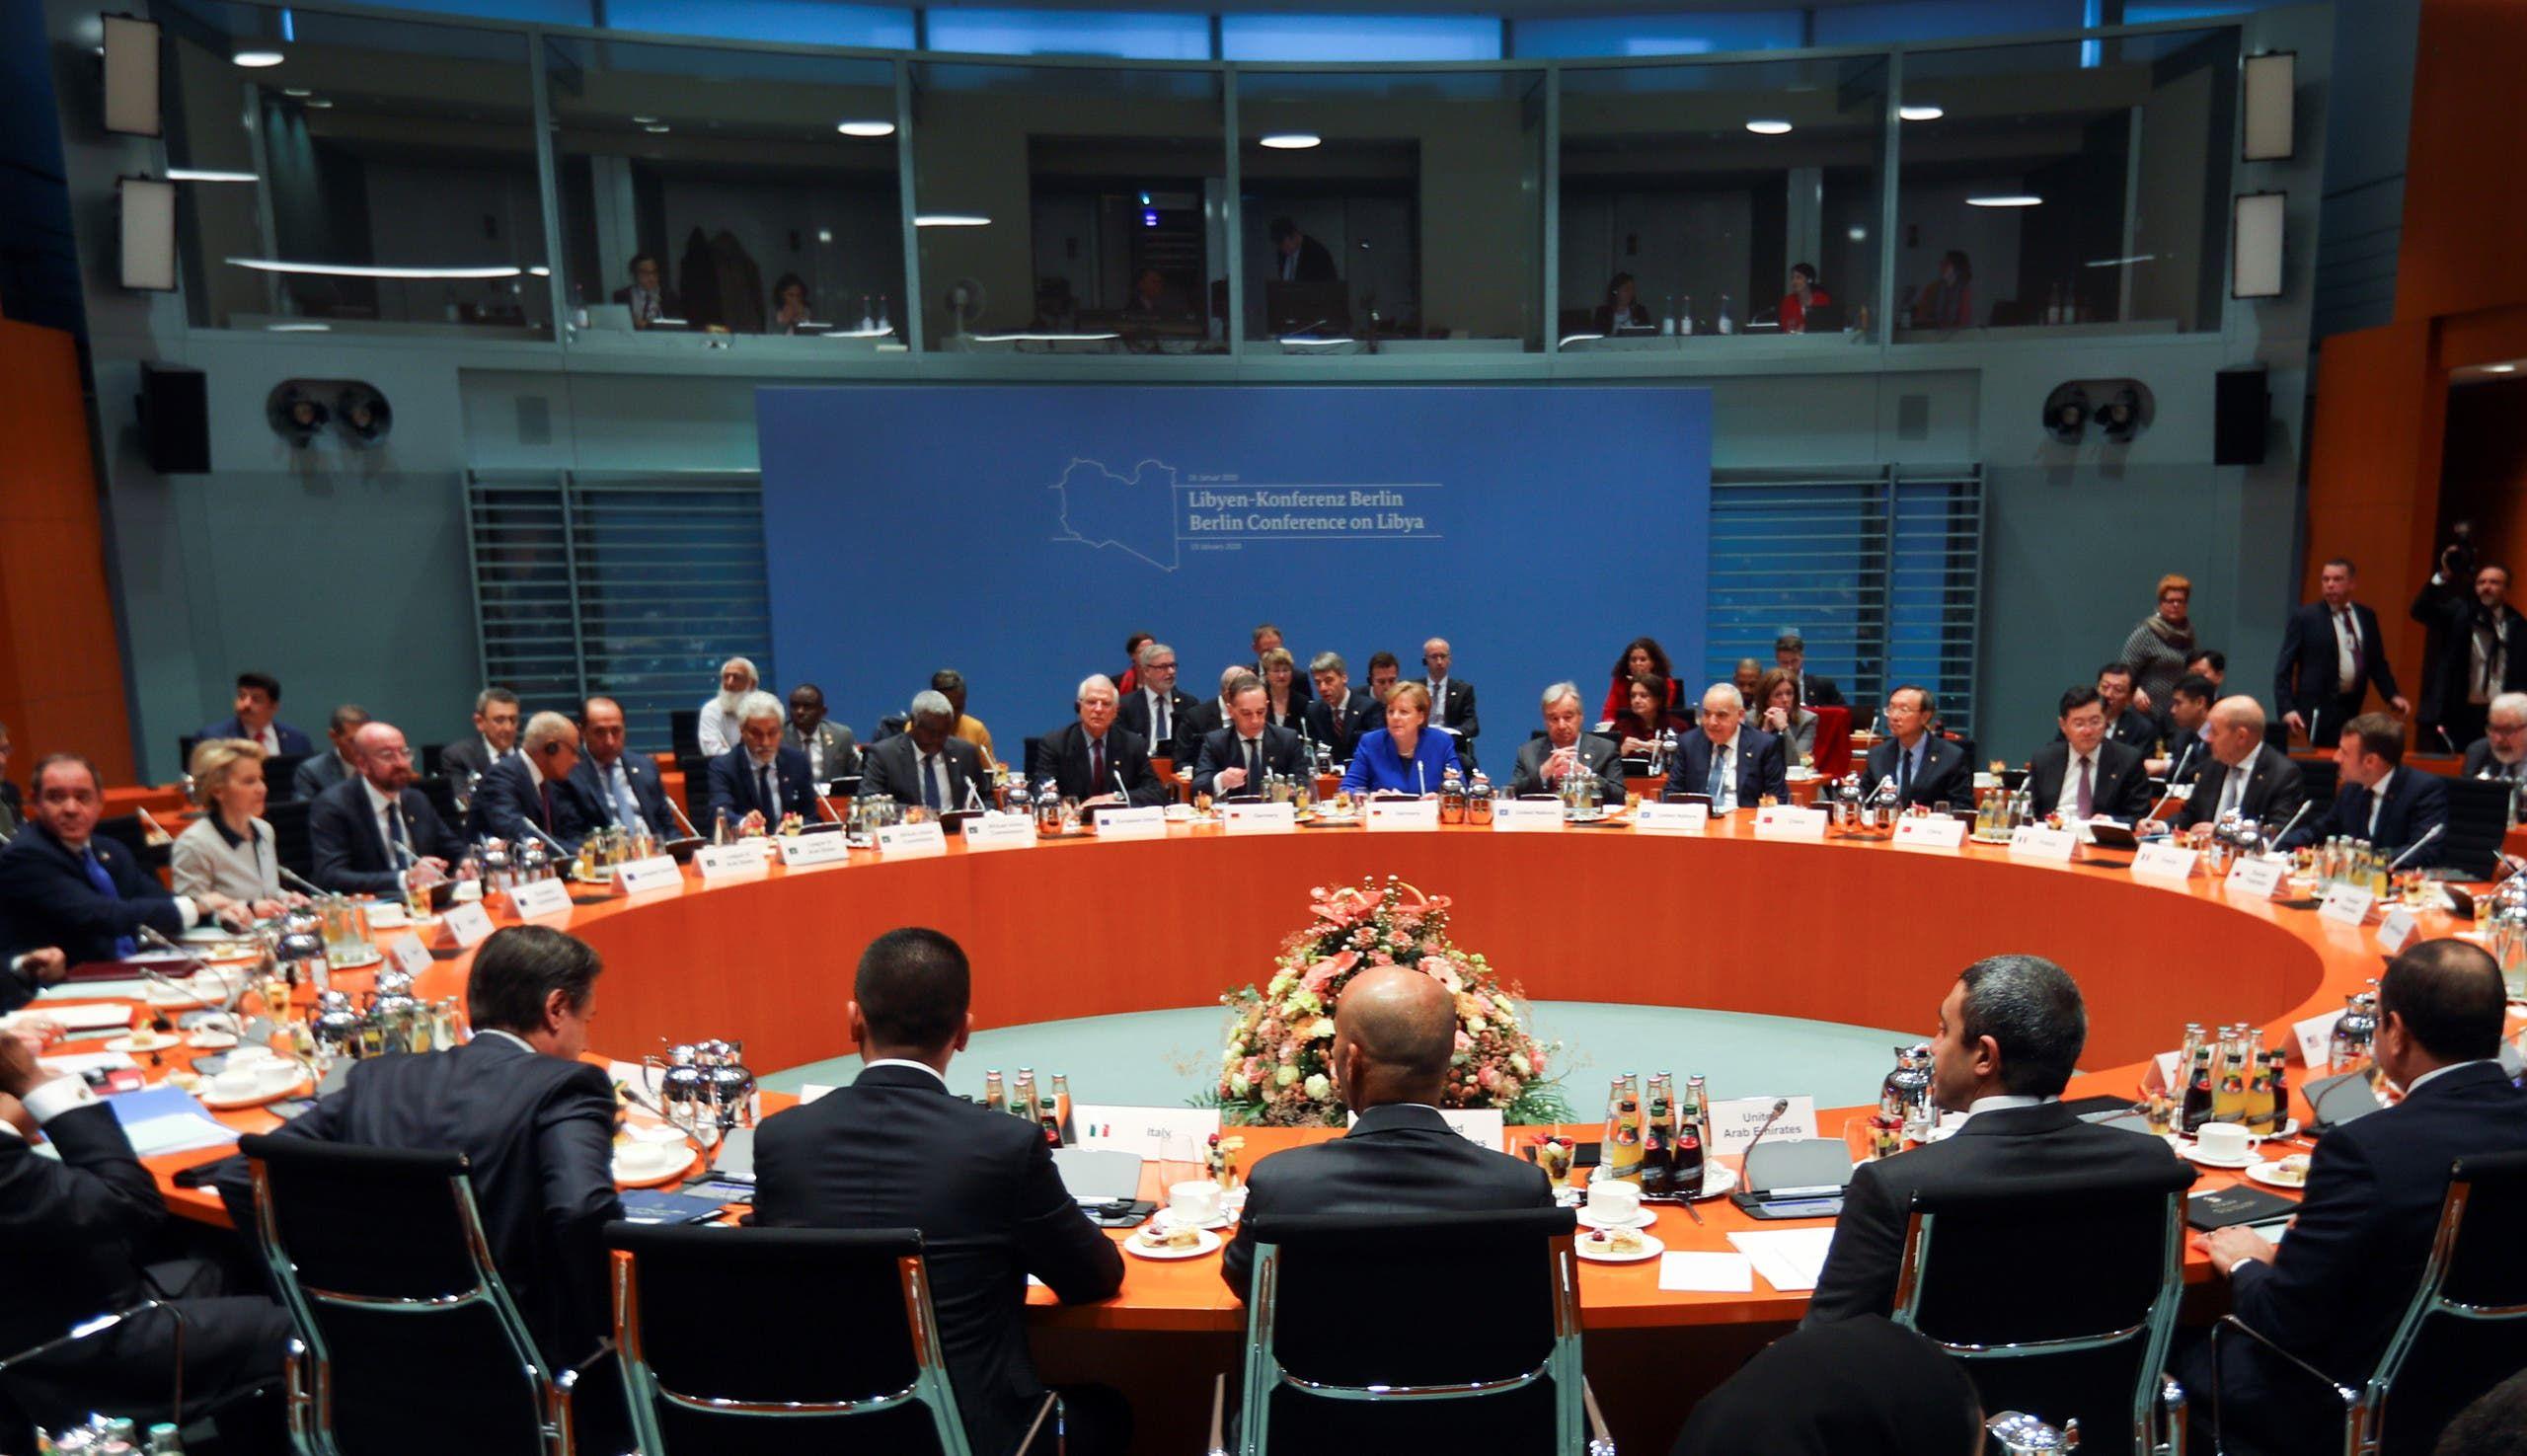 من مؤتمر برلين حول ليبيا في يناير الماضي